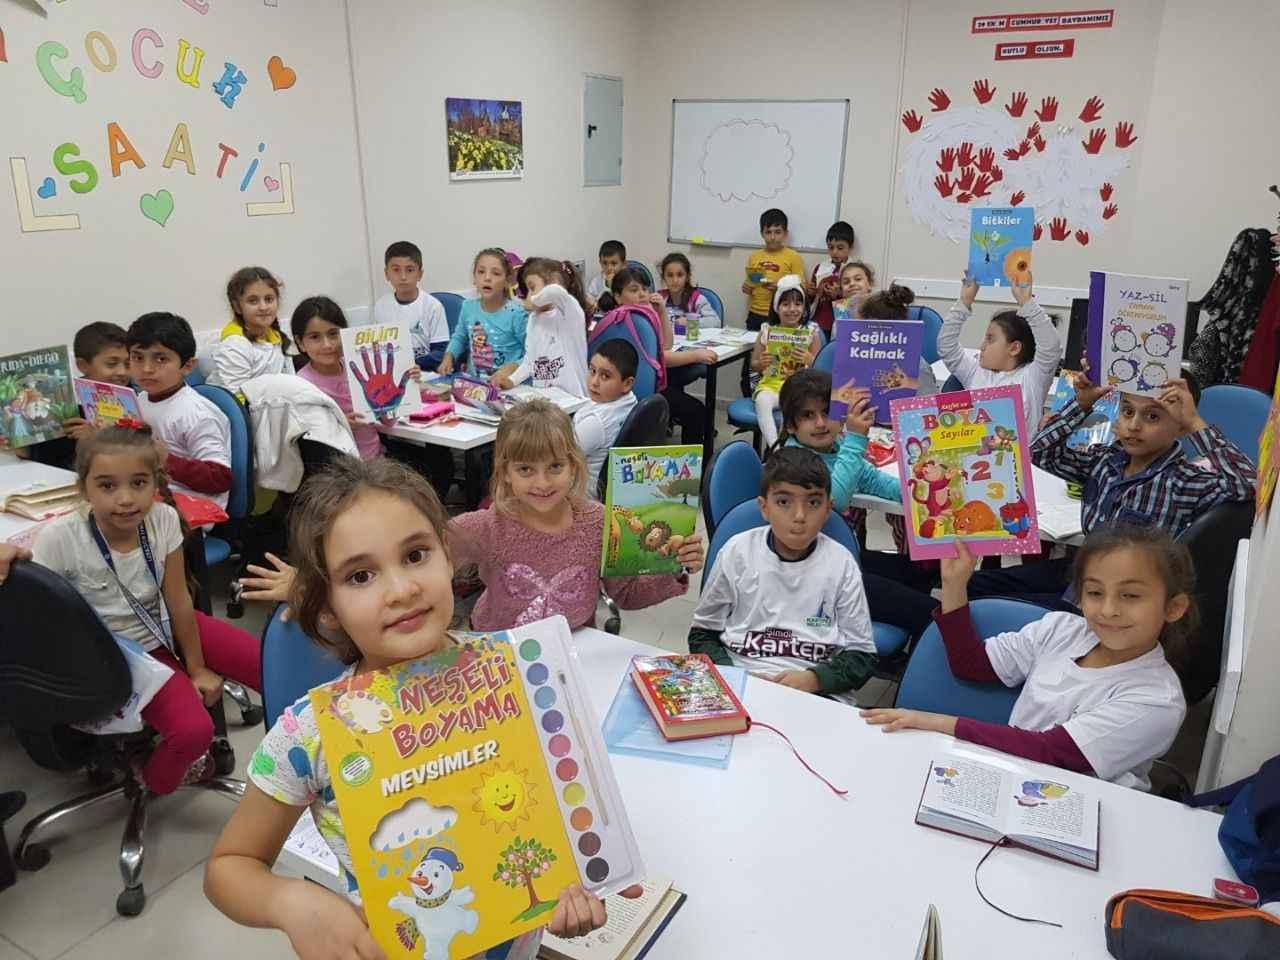 Kitap Okuma Sevgisi Cocuklara Asilandi Kocaeli Gazetesi Evdekal